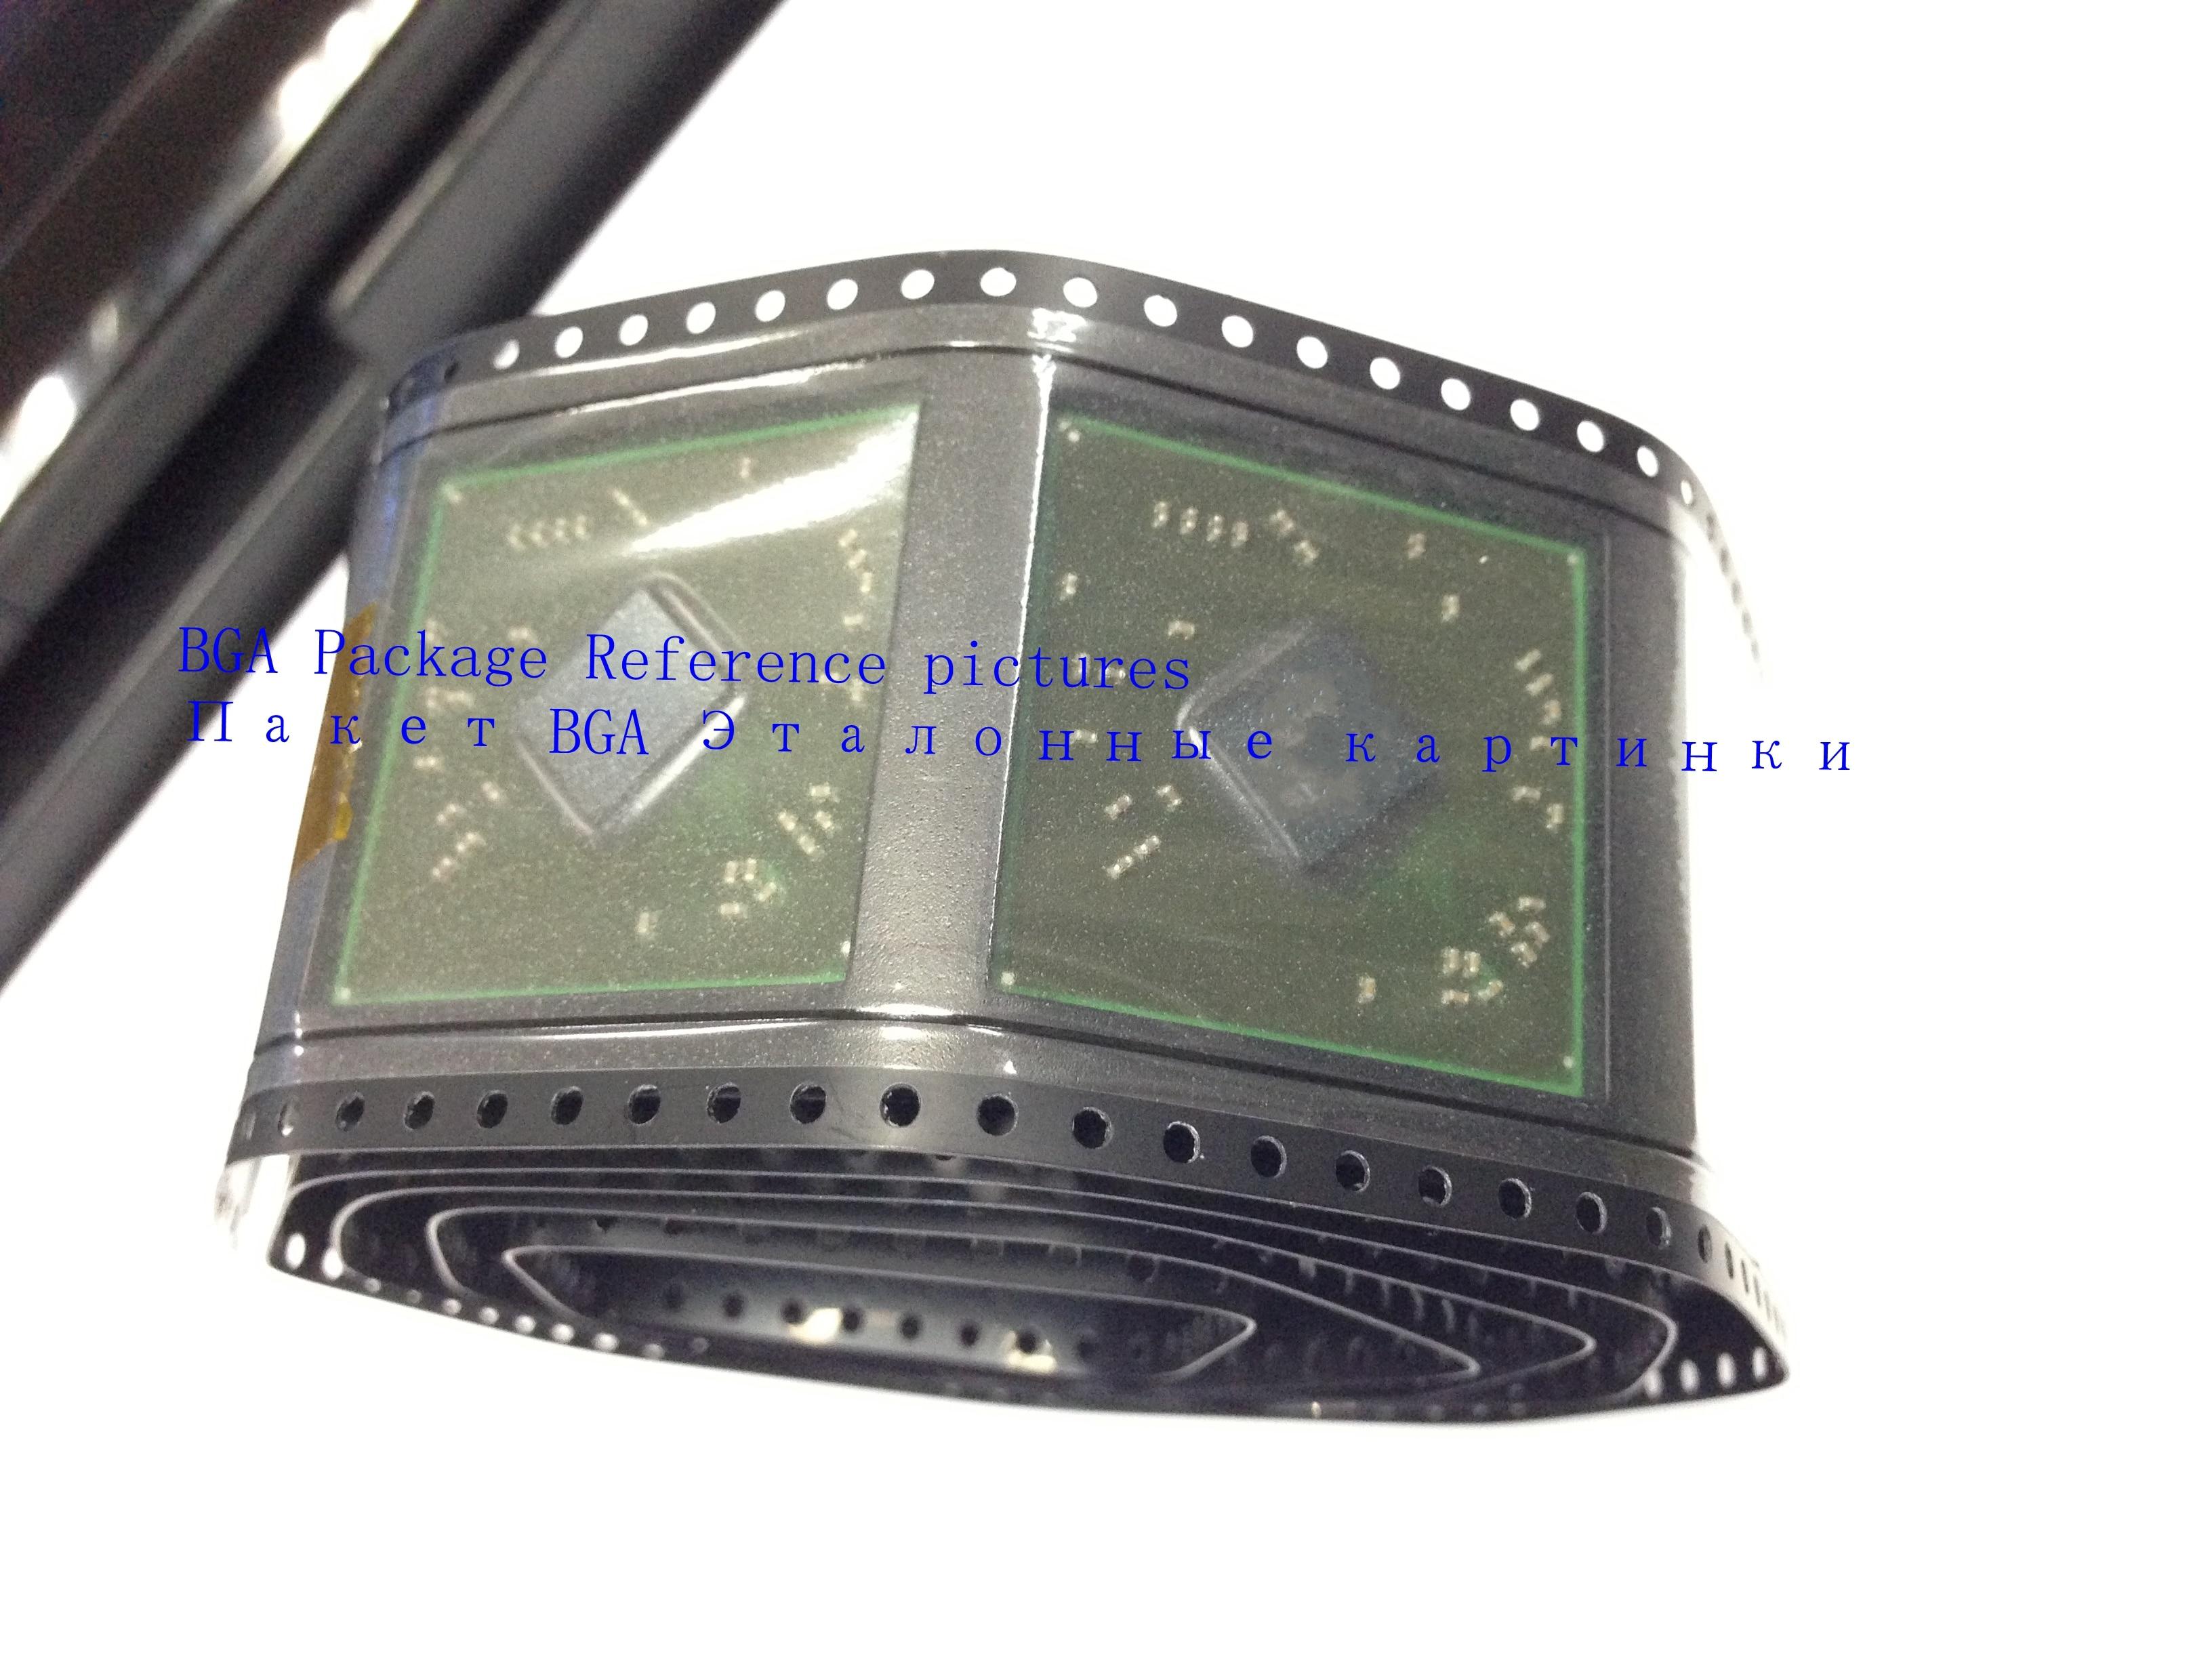 1pcs/lot 100% test very good product N3050 SR29H bga chip reball with balls IC chips1pcs/lot 100% test very good product N3050 SR29H bga chip reball with balls IC chips